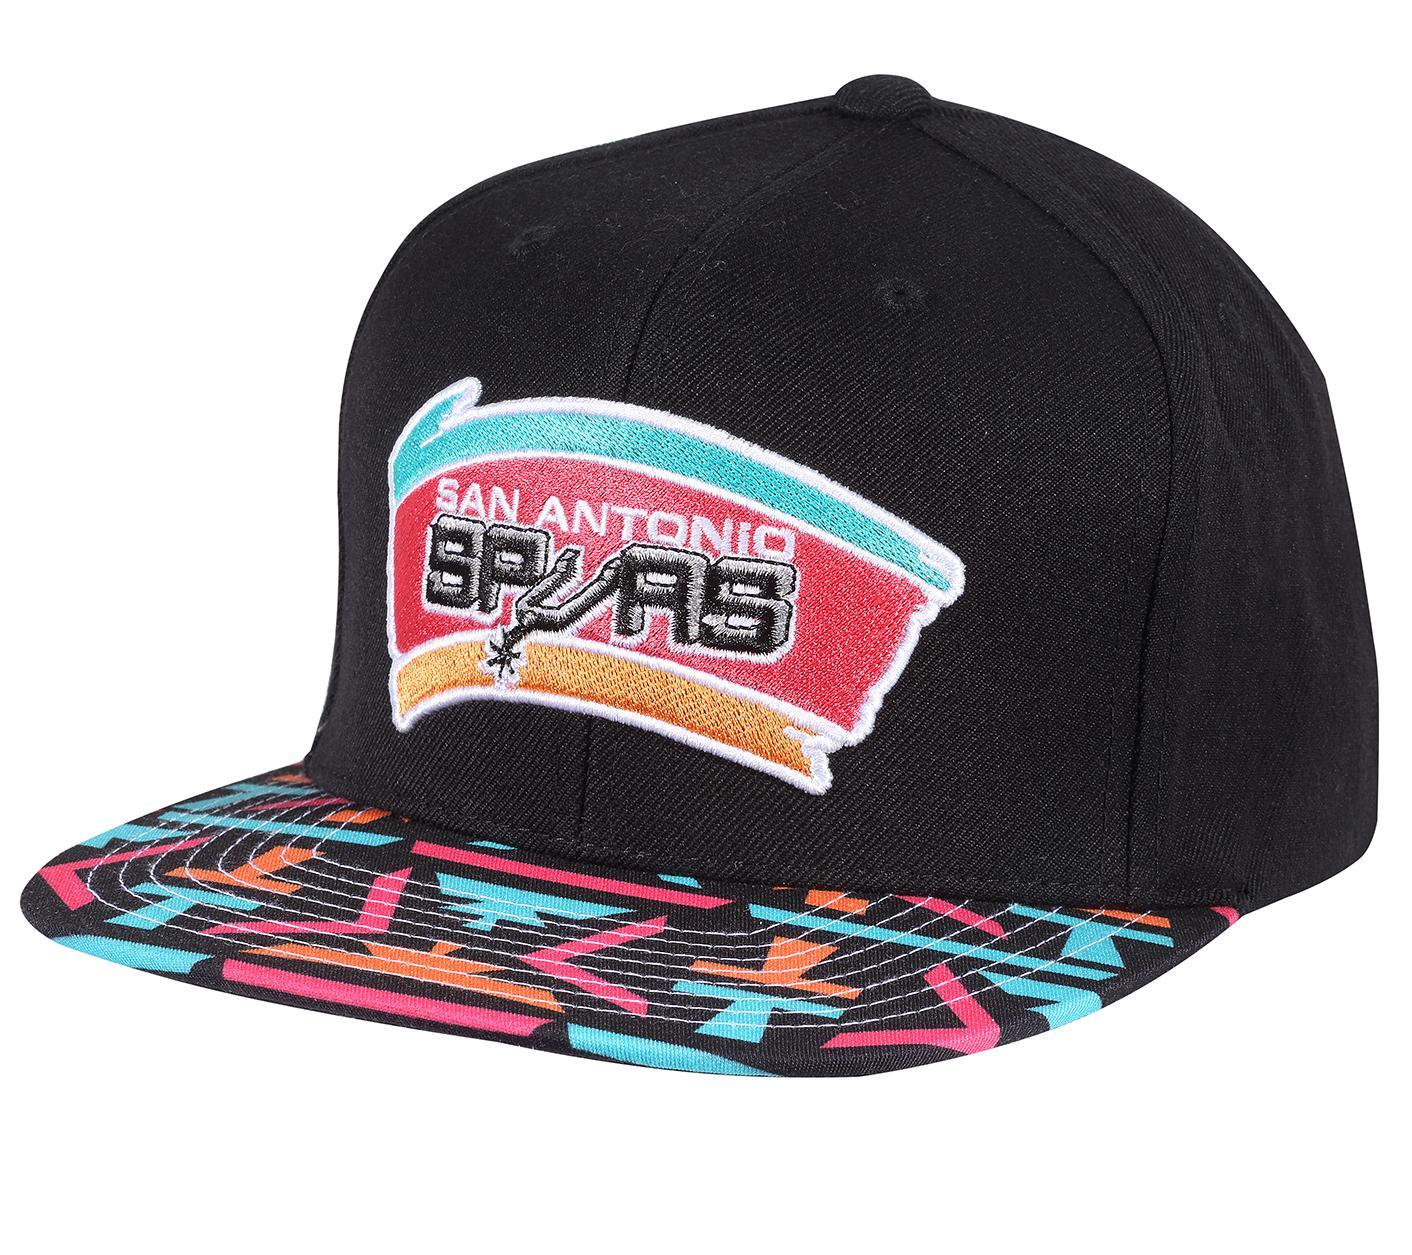 premium selection 3d65b c47d6 Team DNA Snapback San Antonio Spurs